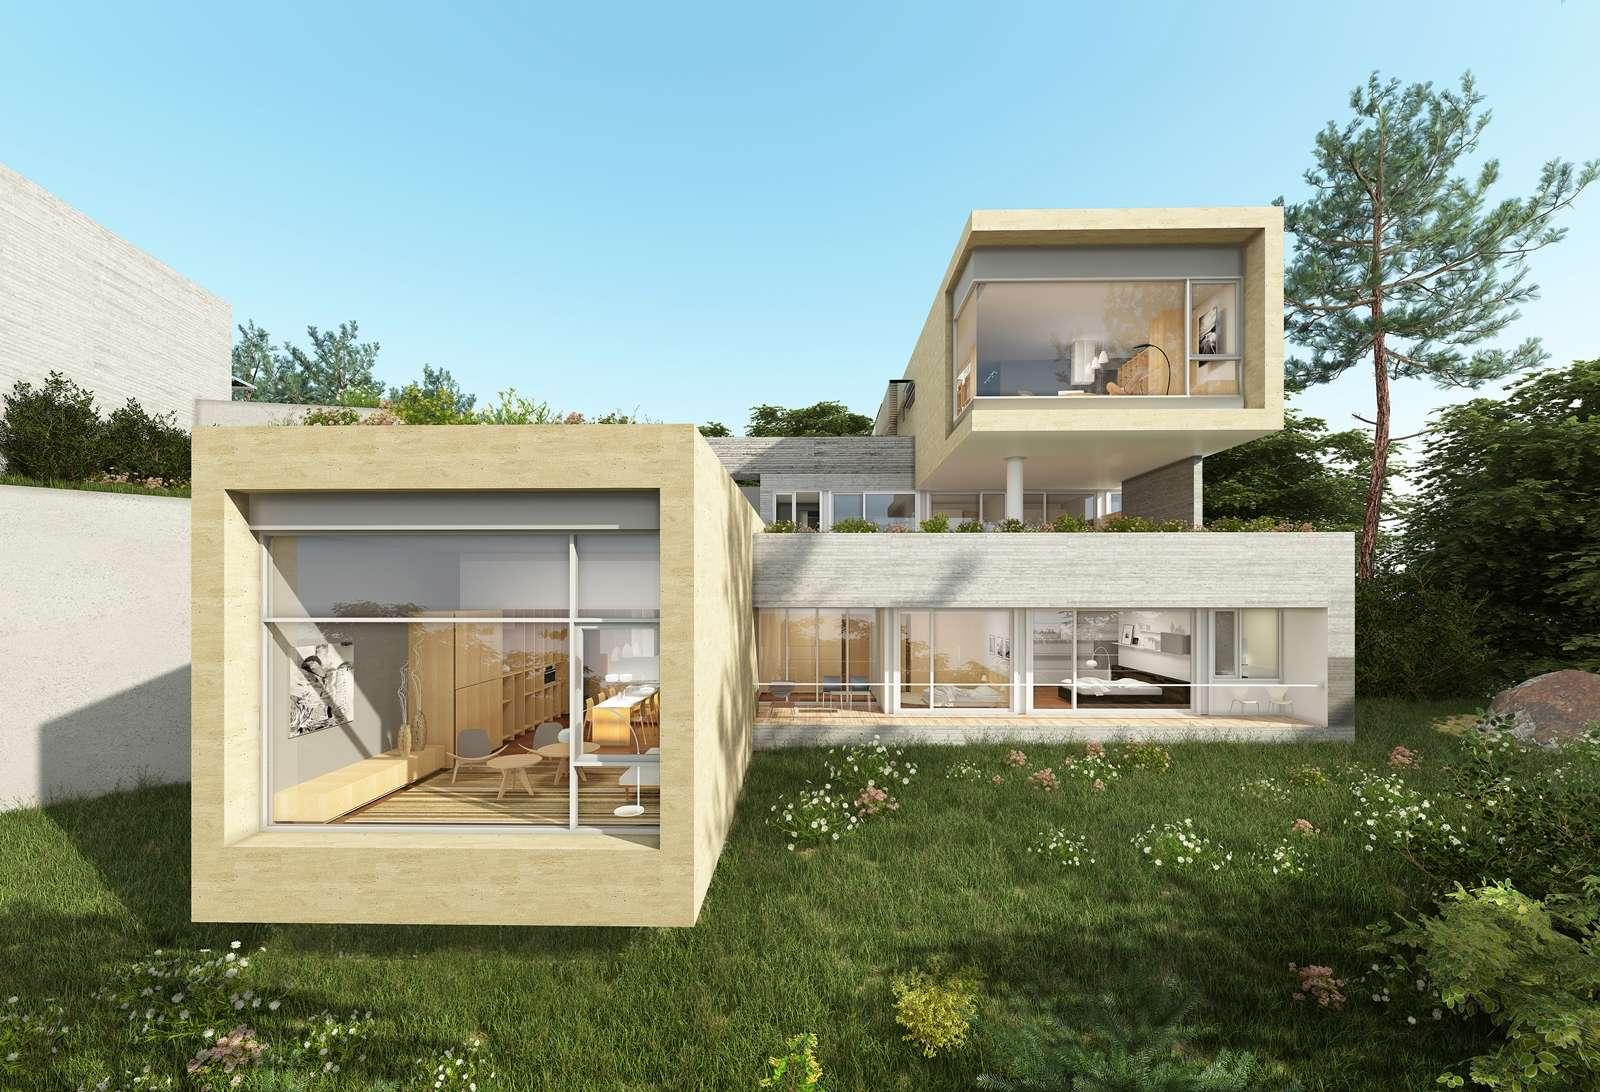 Seharga 100 Milyar Lebih 12 Rumah Artis Korea Ini Bikin Geleng Geleng Artikel Spacestock